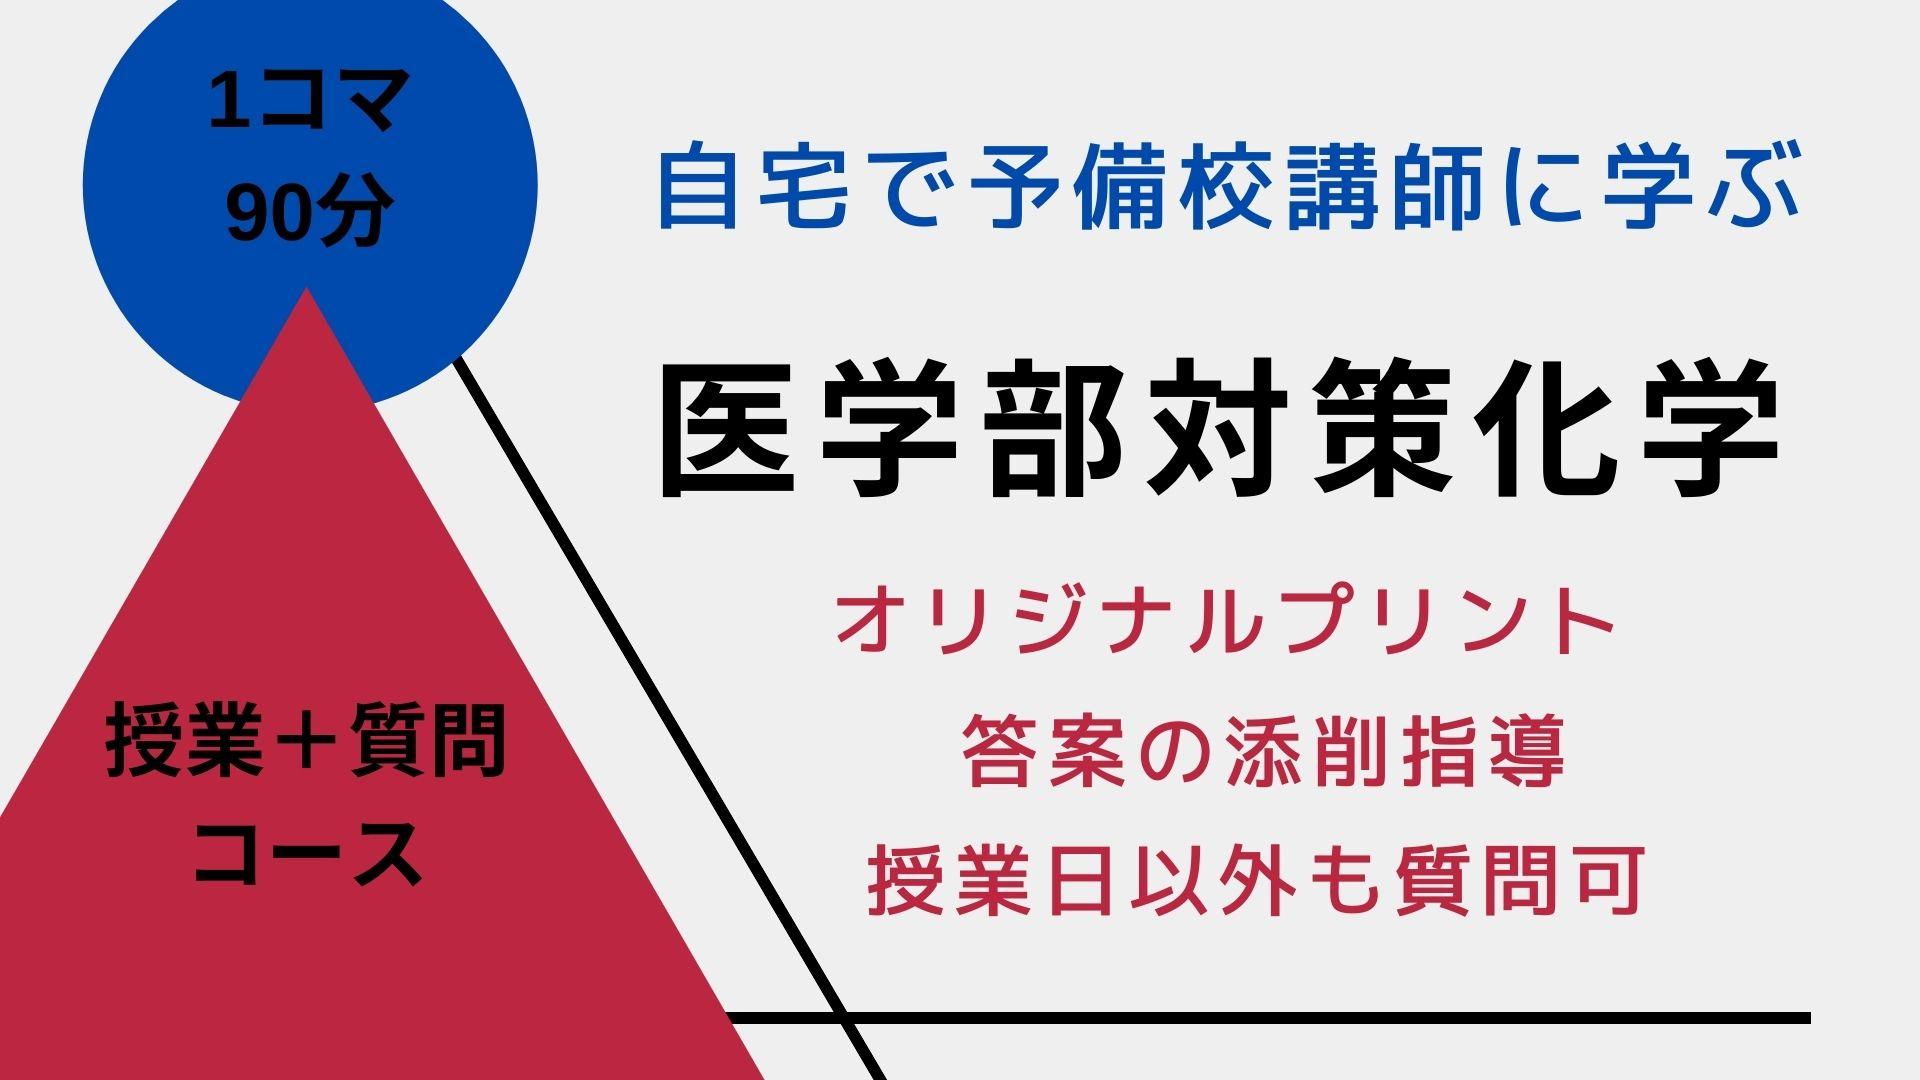 医学部対策化学【授業+質問コース】